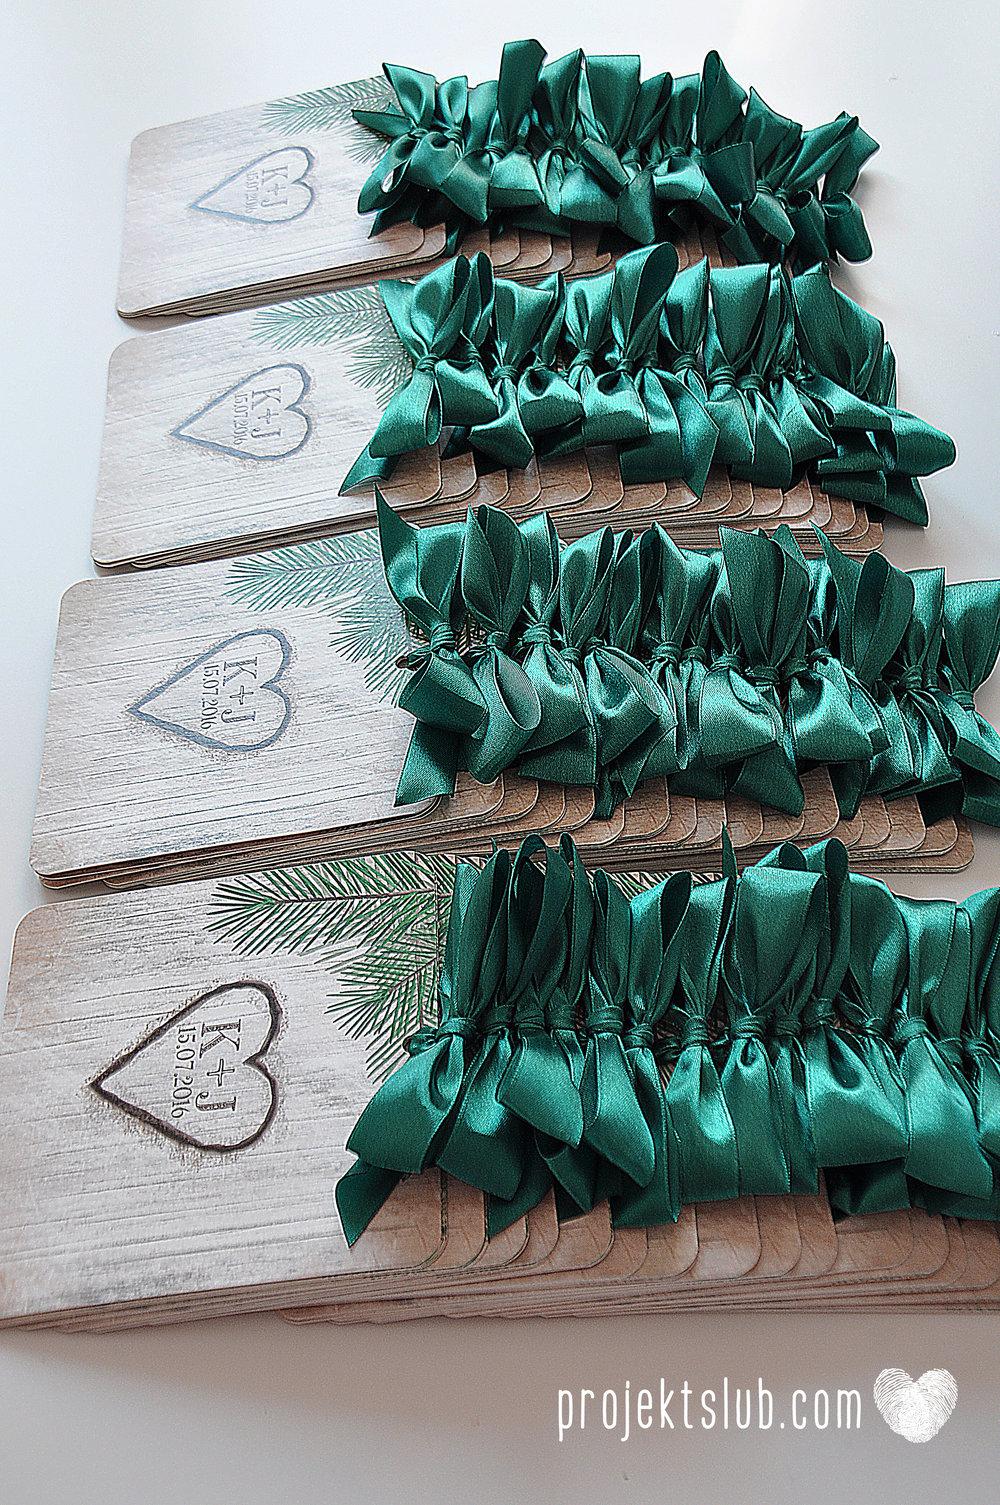 Zaproszenia ślubne oryginalne BOHO WOODLOVE vintage las świerk drewno drzewo kora eko rustykalne oryginalny craft naturalne Projekt Ślub (17).jpg